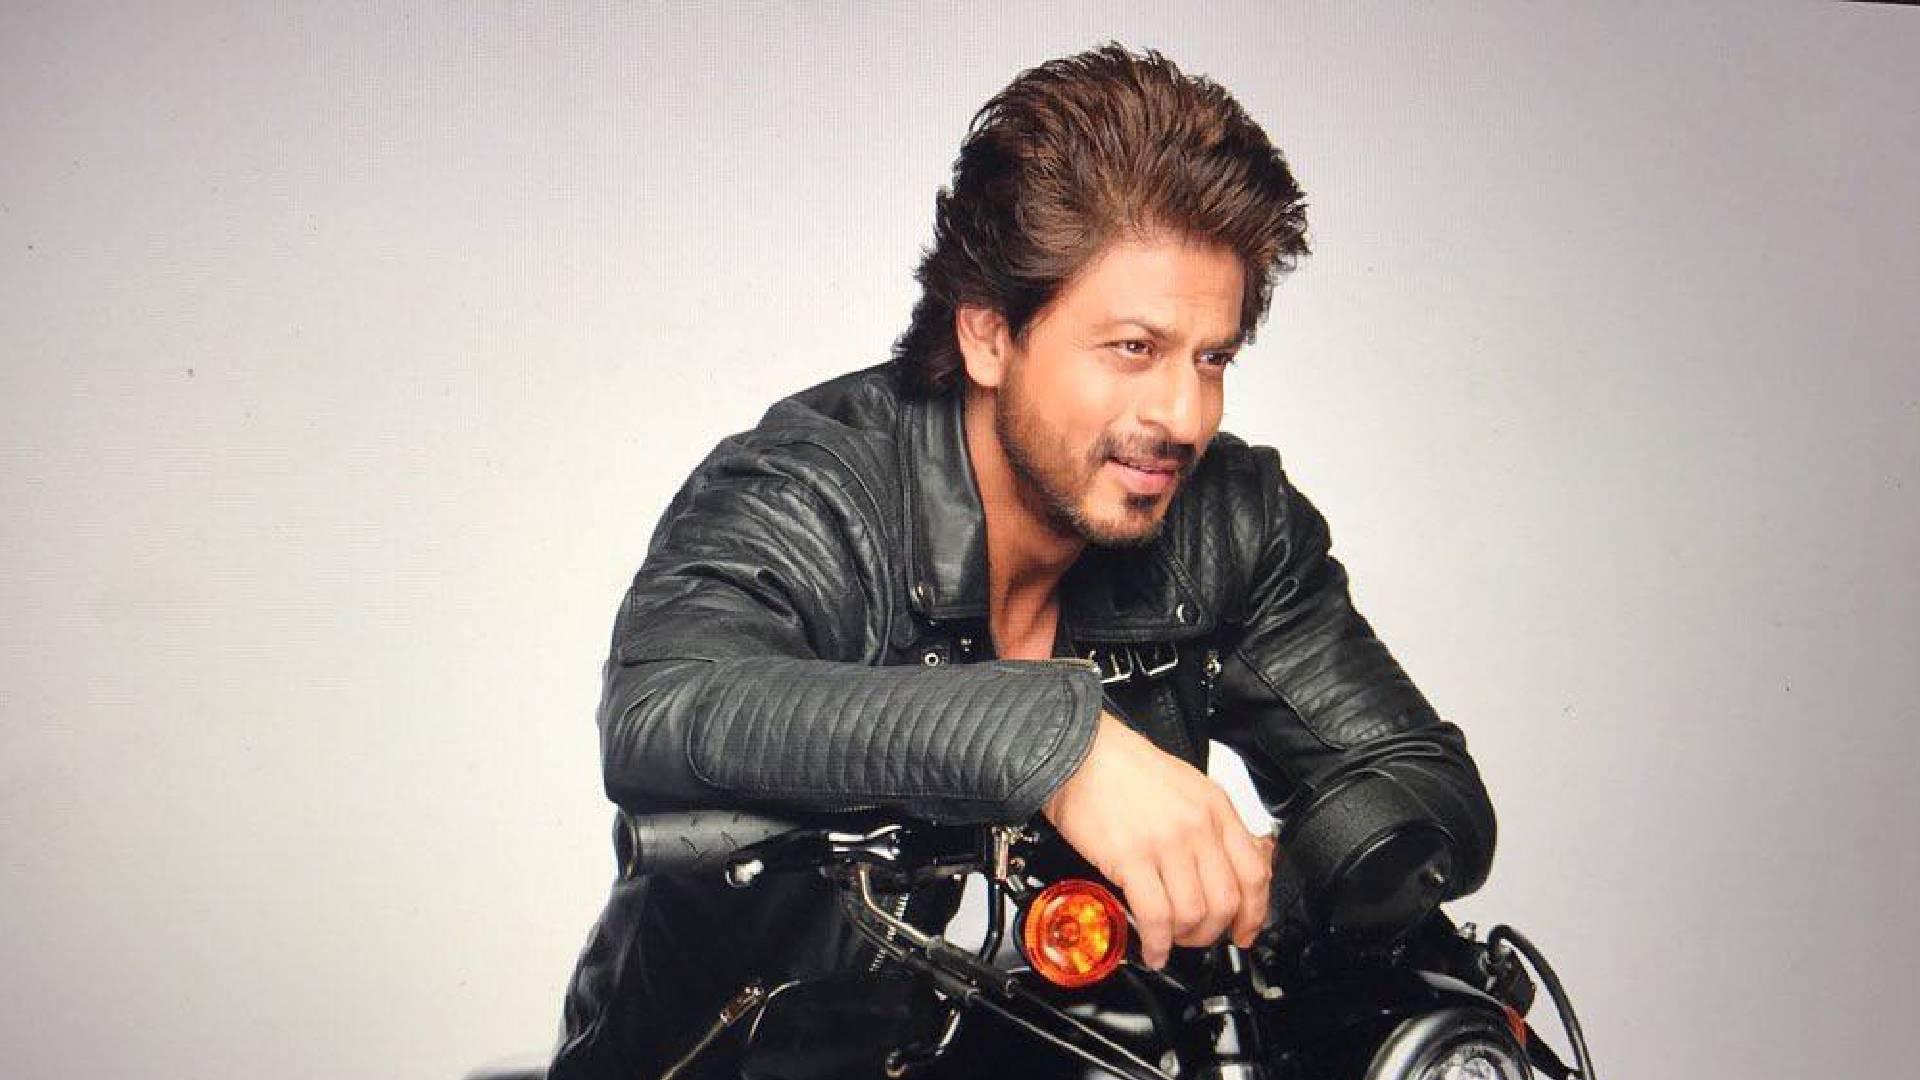 फिल्म जीरो के बाद फूंक-फूंककर कदम रख रहे बॉलीवुड के किंग शाहरुख खान, वीडियो में खुद बताई ये बात